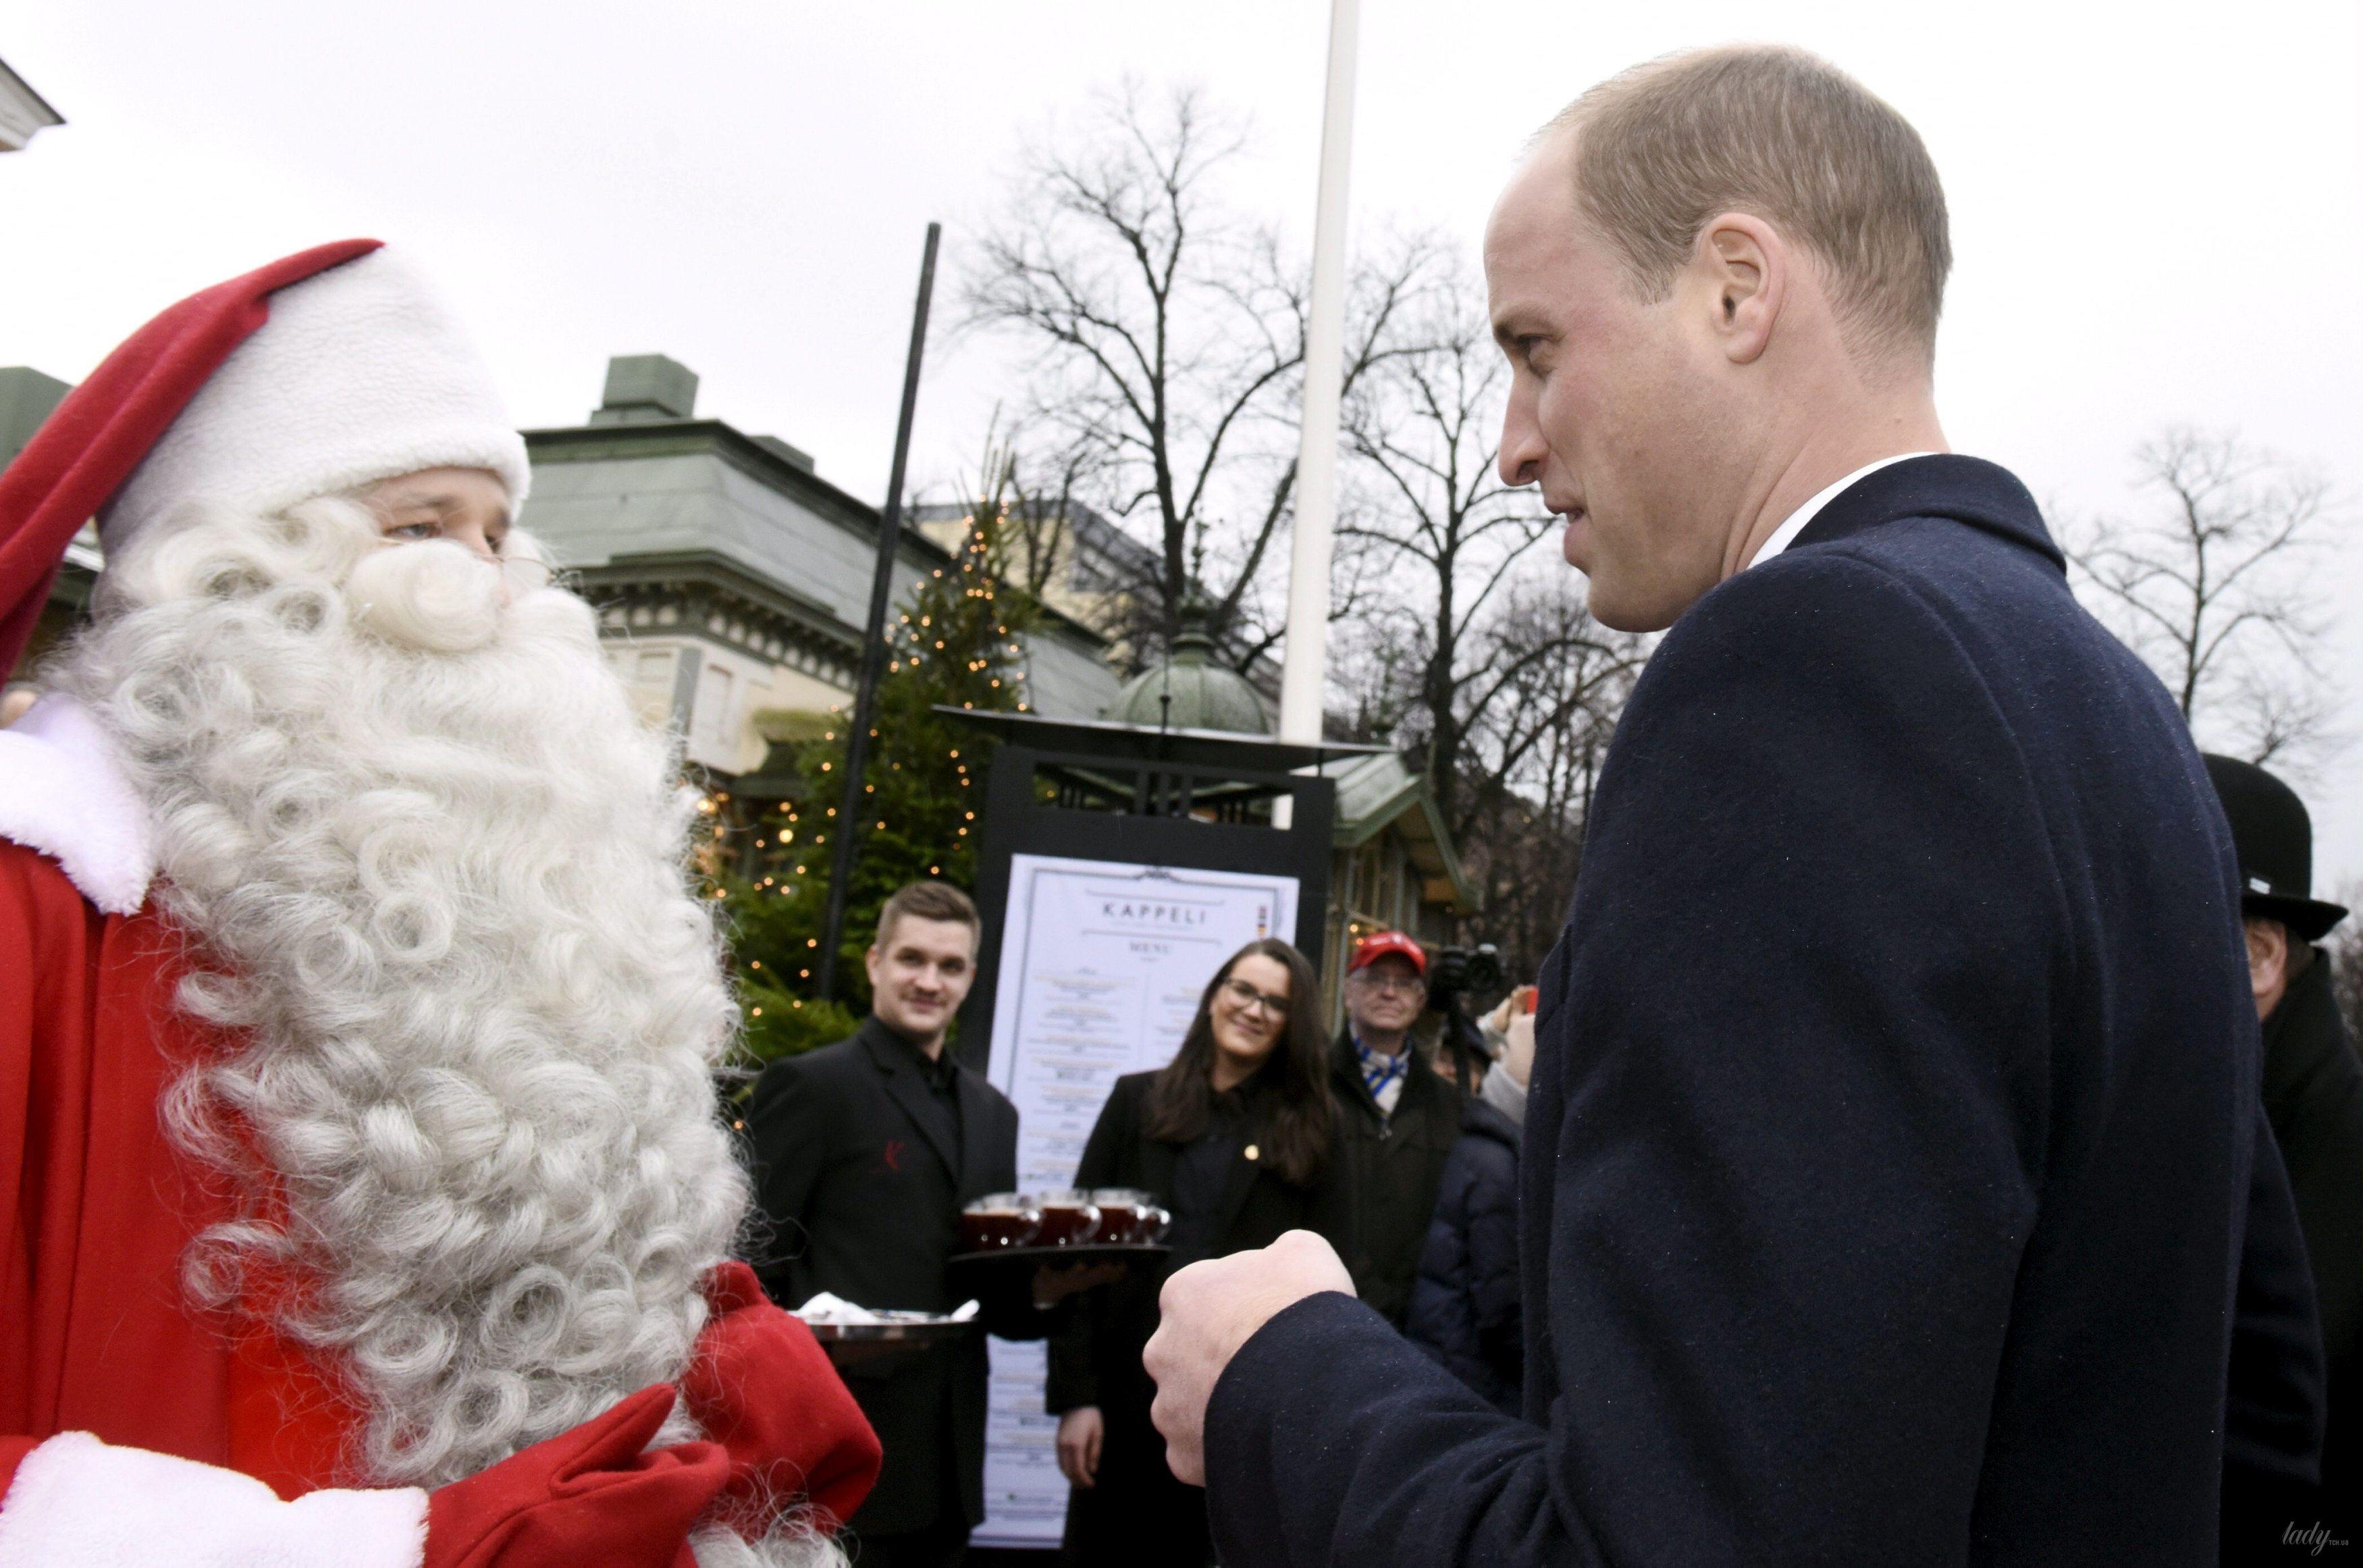 Кейт Миддлтон и Уильям не балуют детей новогодними подарками